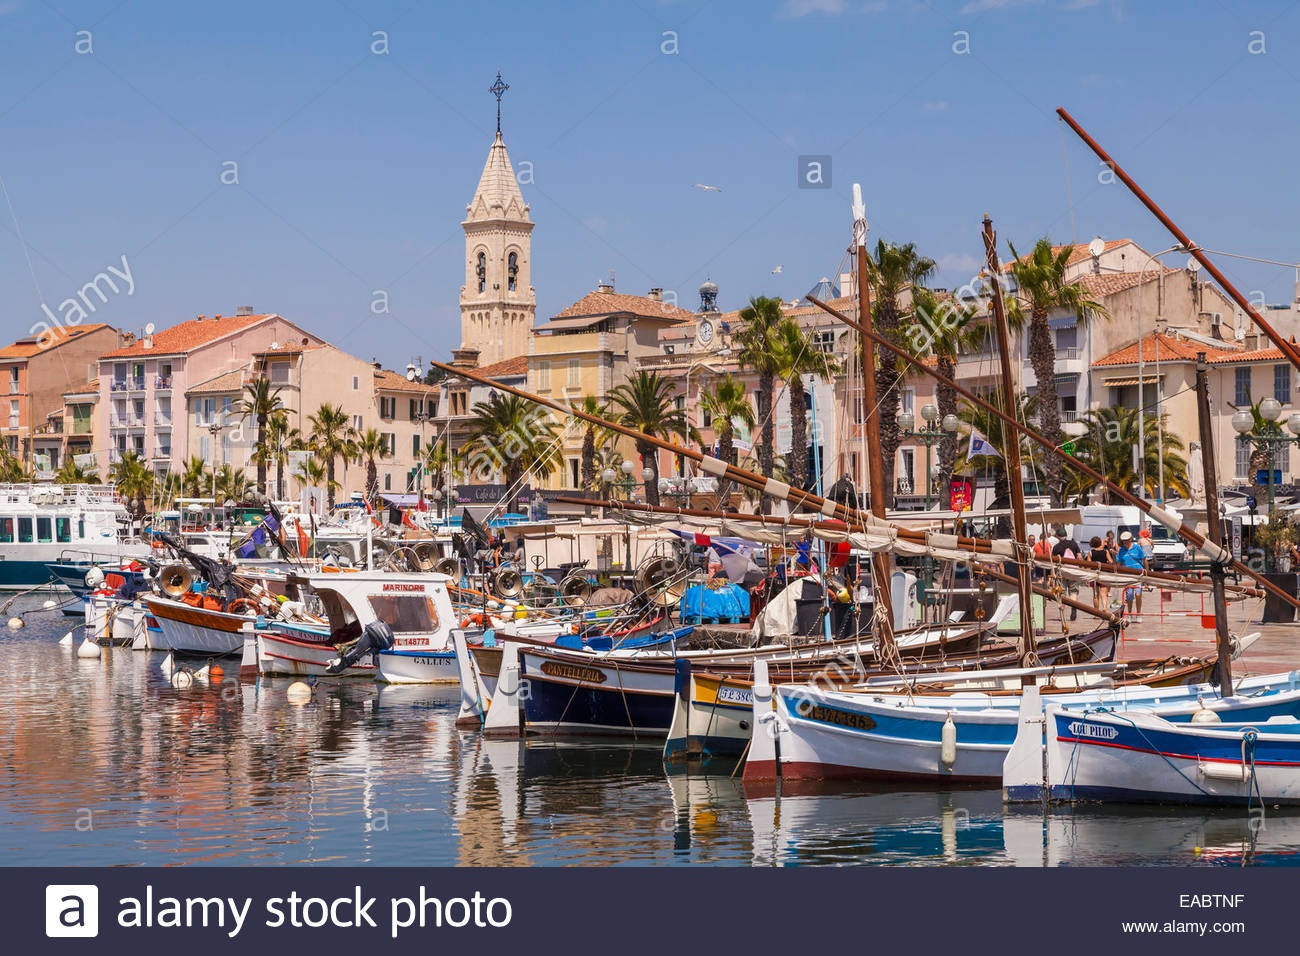 France provence alpes cote d 39 azur department var sanary sur mer stock photo 75248923 alamy - Chambres d hotes sanary sur mer ...